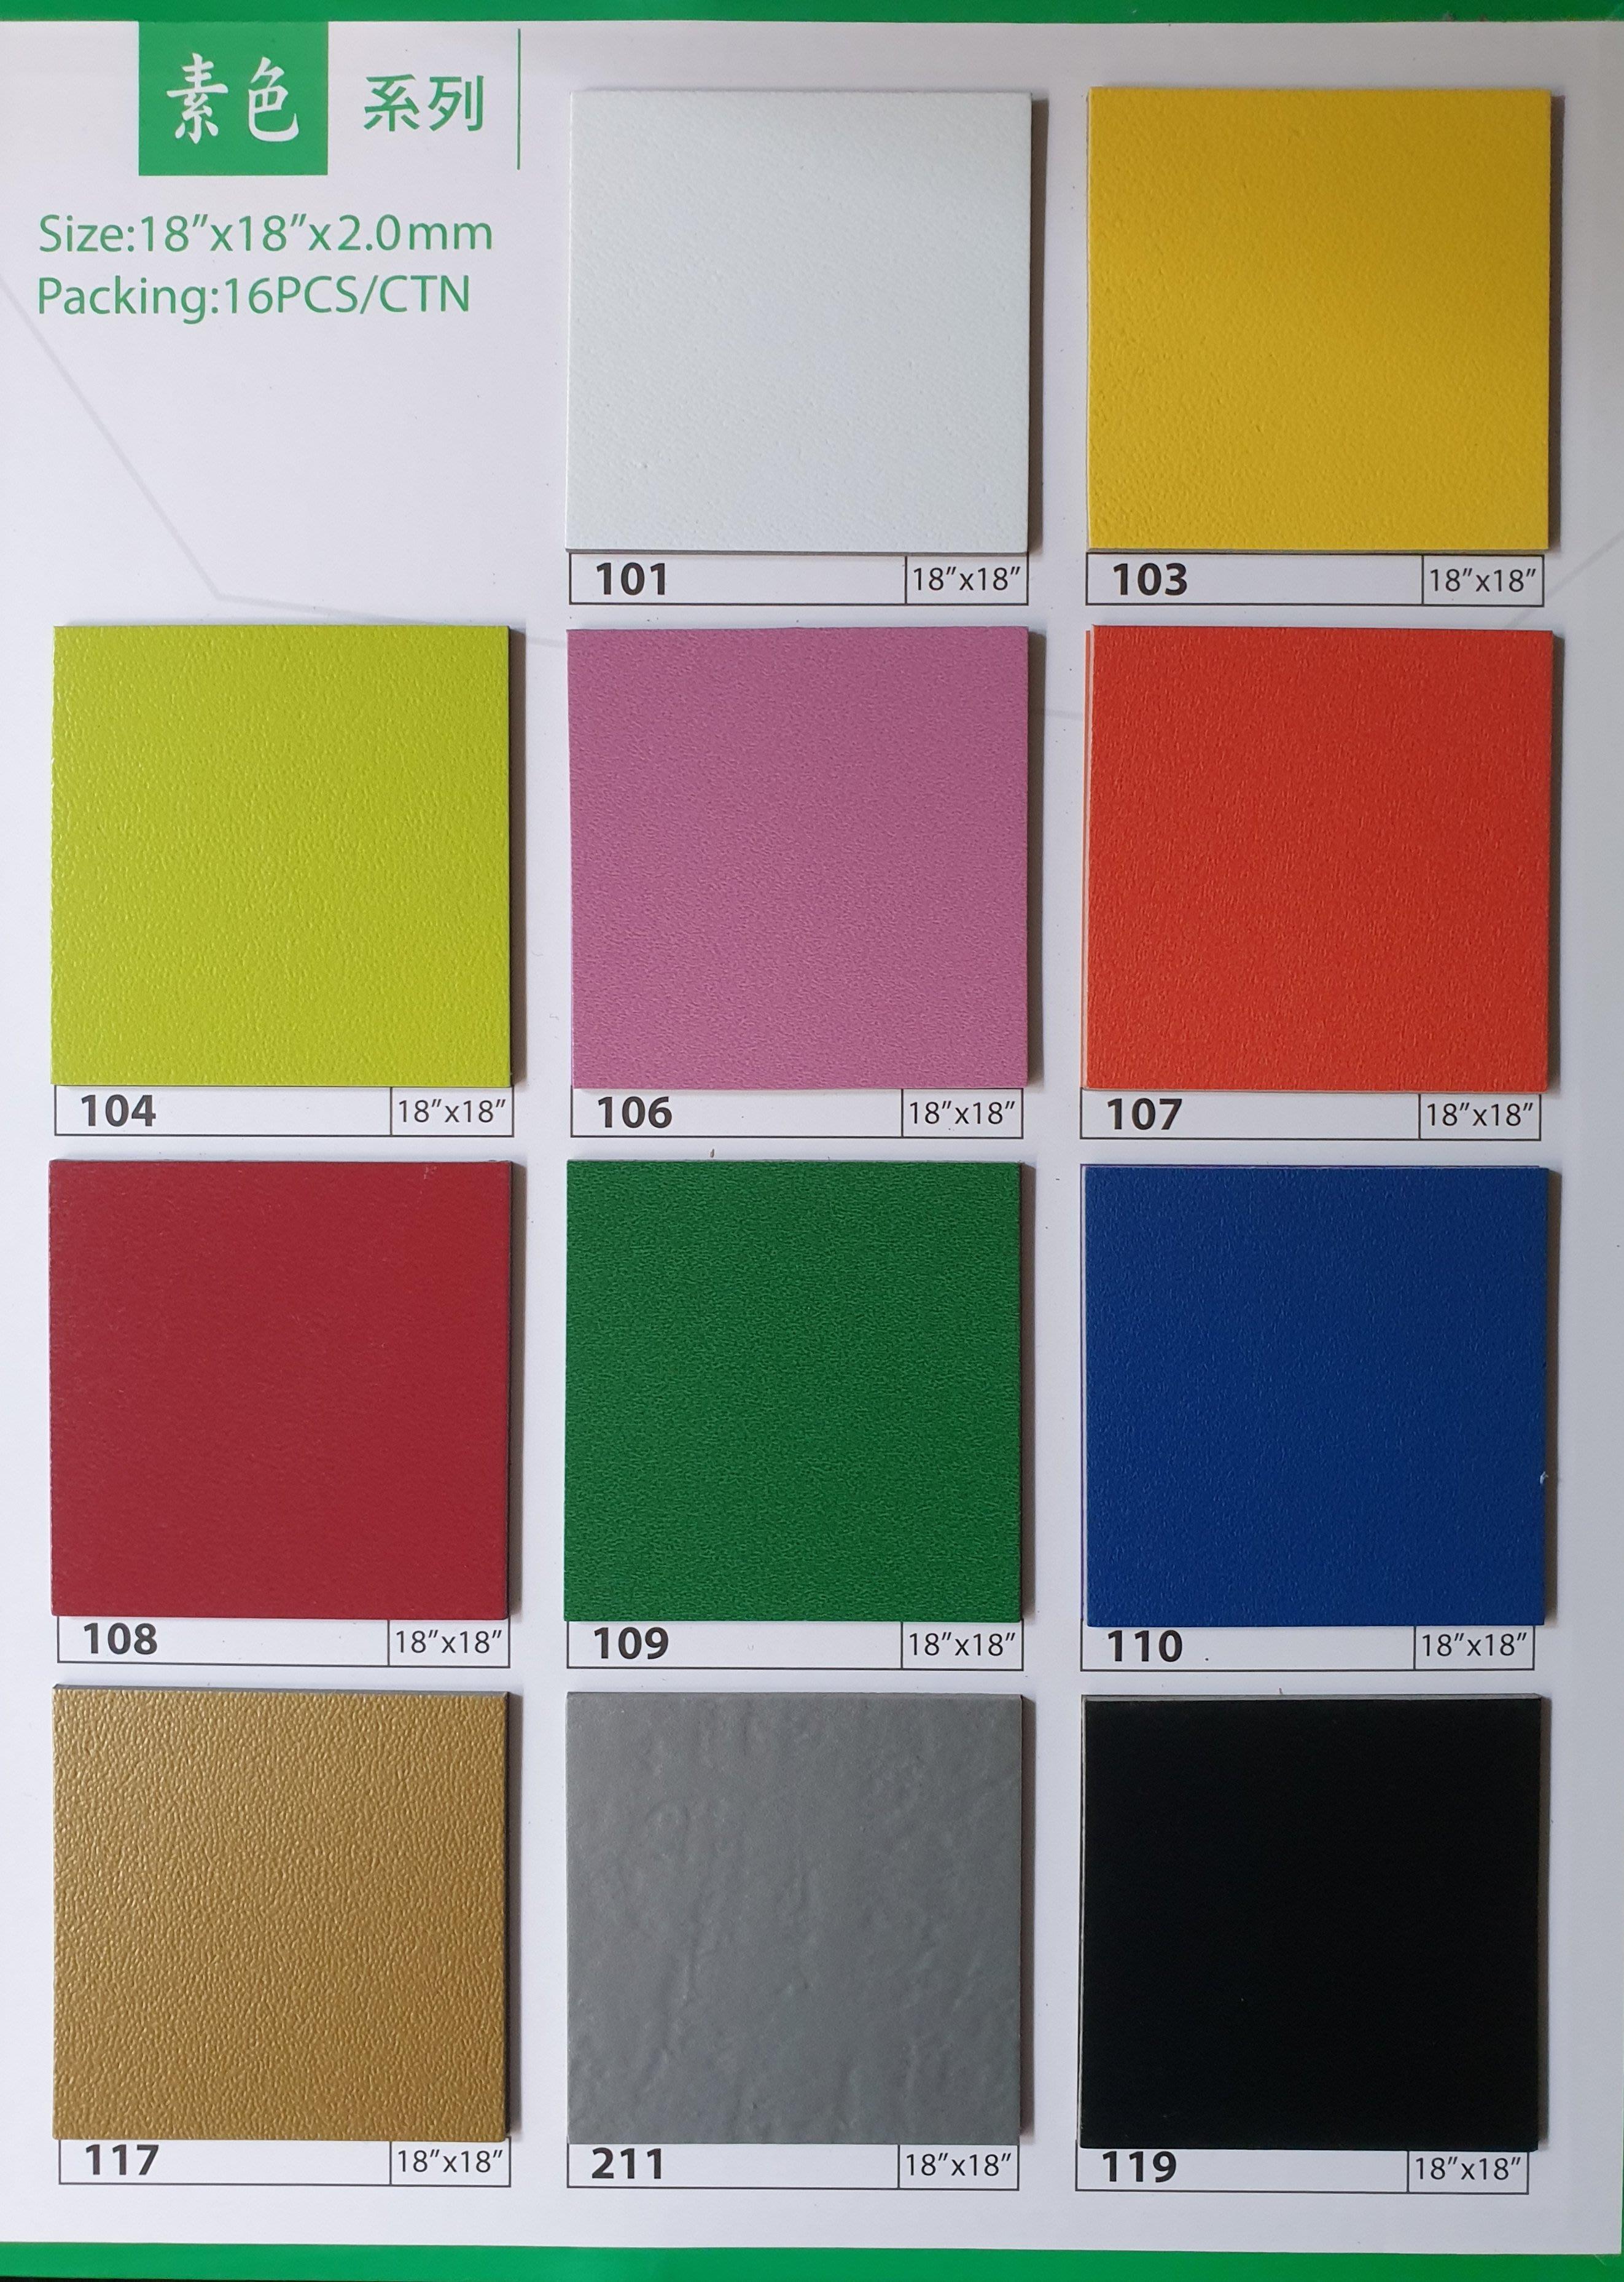 美的磚家~黑色白色紅色黃色藍色綠色蘋果綠銀色金色各式素色塑膠地磚塑膠地板~~活潑美觀鮮豔亮麗  每坪只要450元/